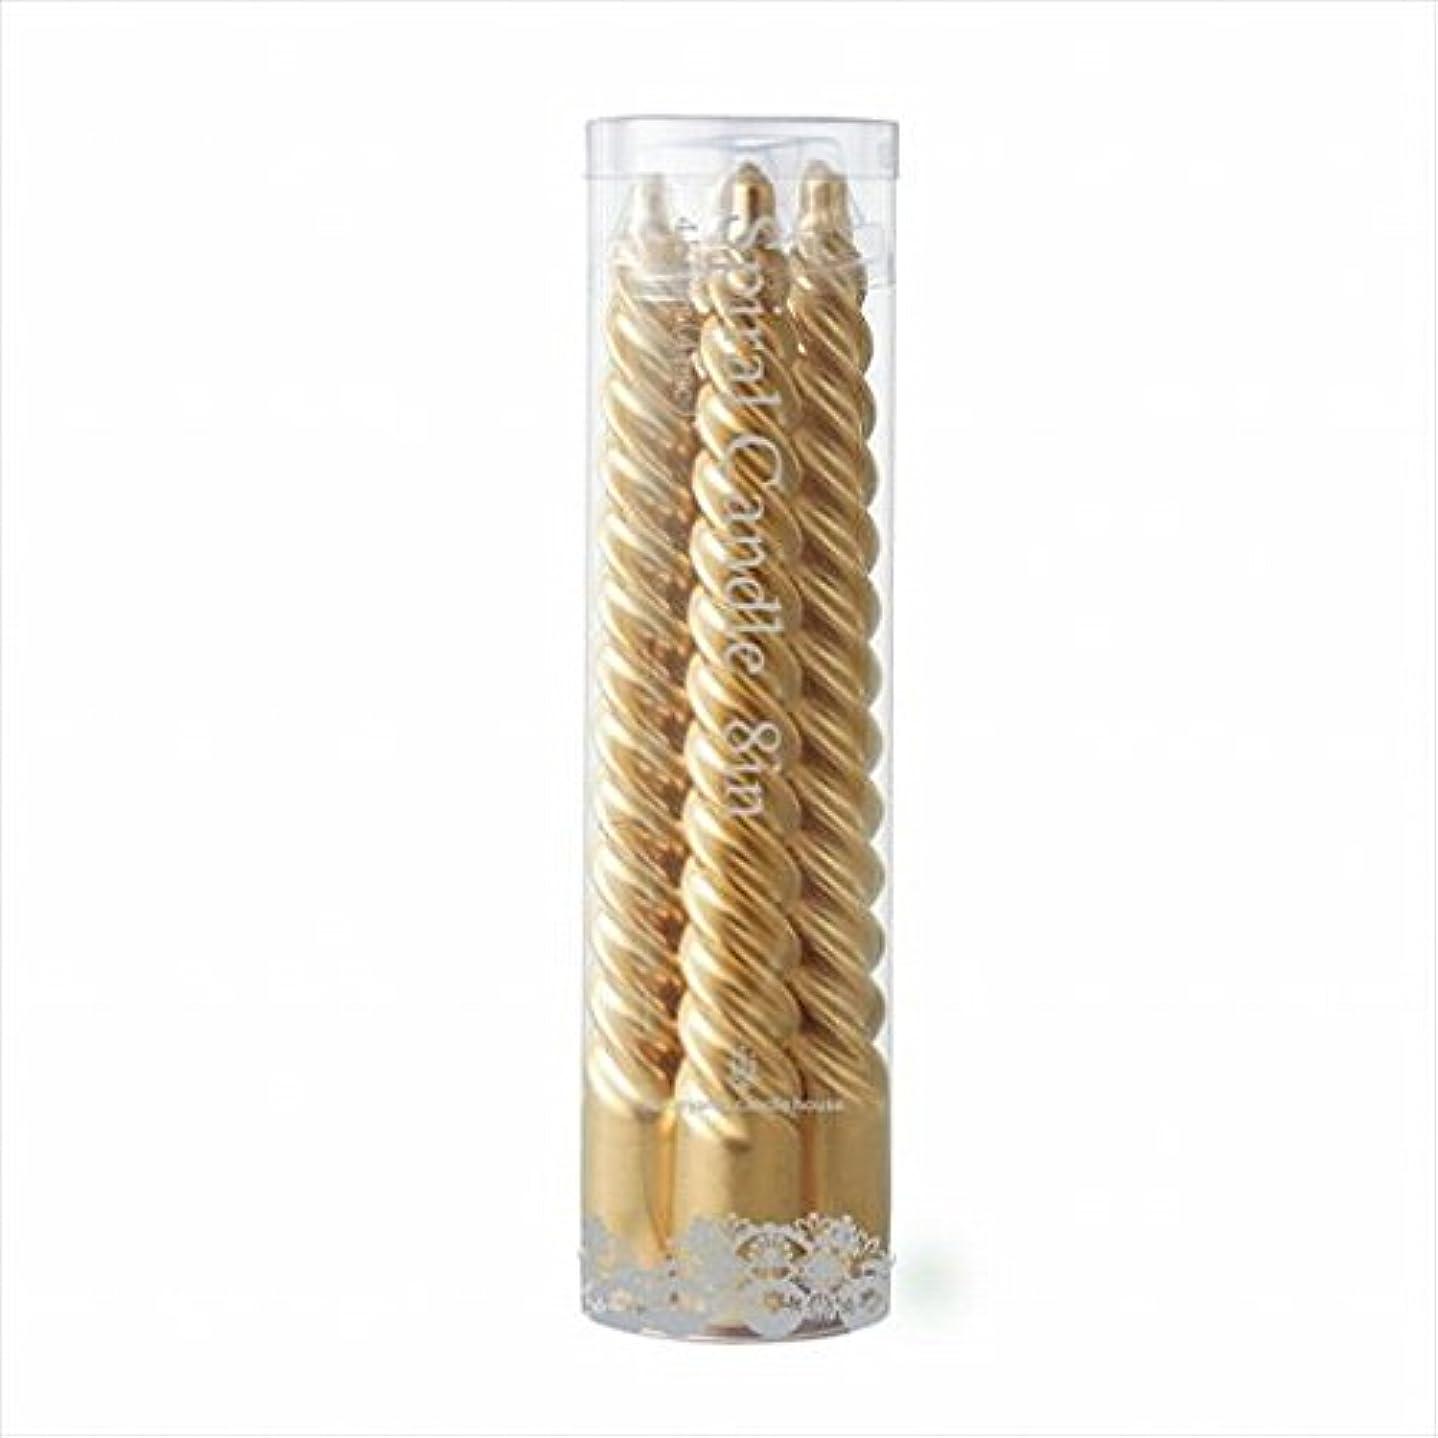 郊外無視できる用心するカメヤマキャンドル(kameyama candle) 8インチスパイラル4本入り 「 ゴールド 」6箱セット